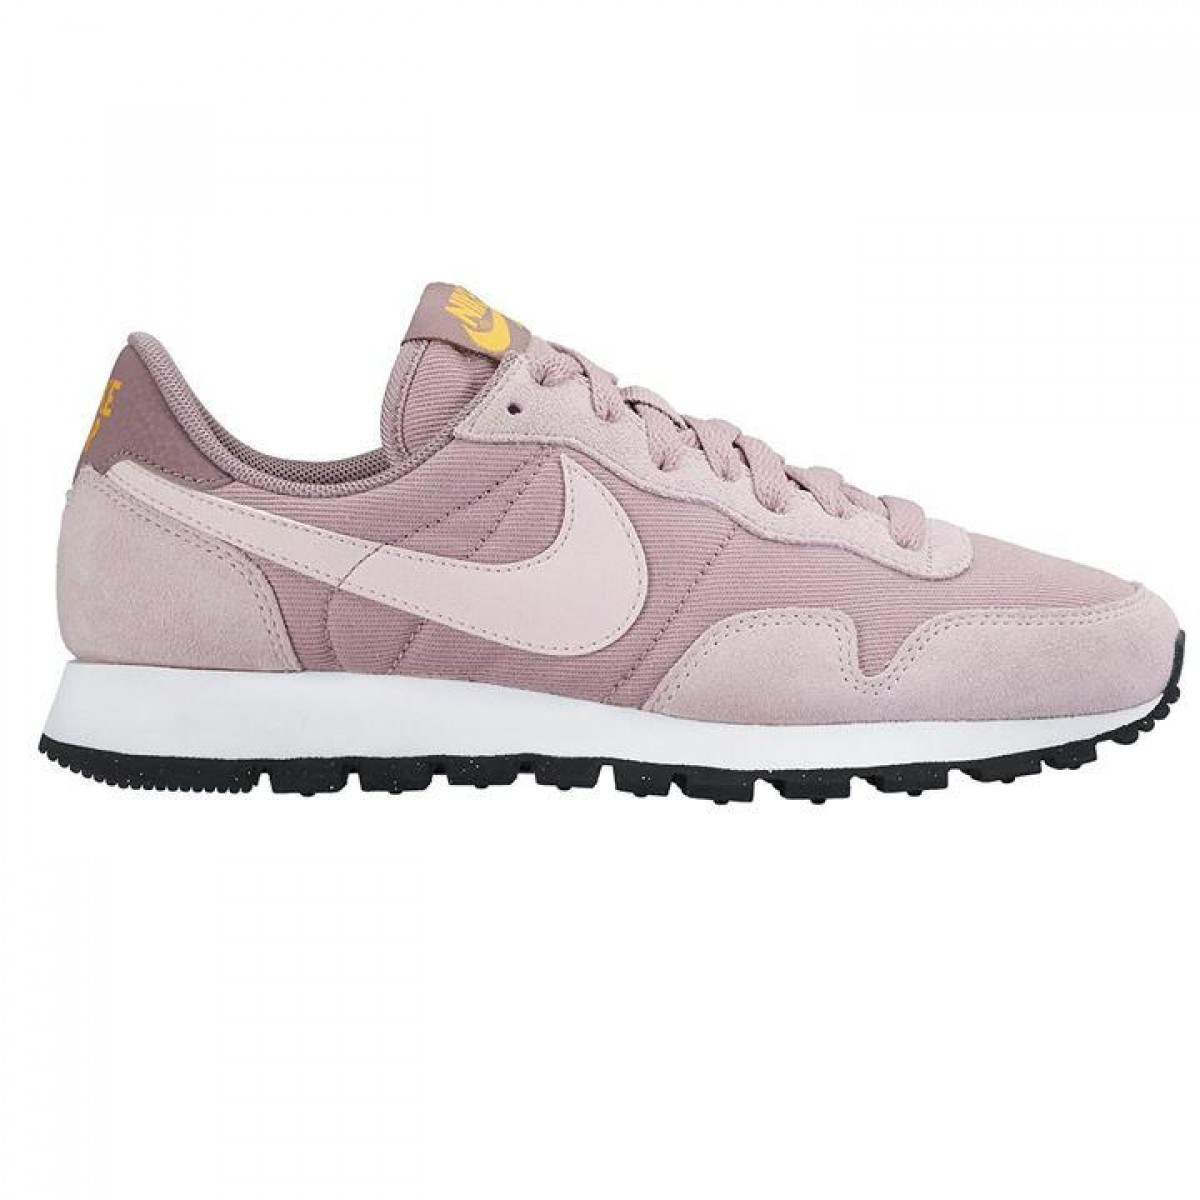 Кроссовки Nike Air Pegasus Purple - Оригинал - FAIR - оригинальная одежда и  обувь в Луцке 835c3152d4ccb